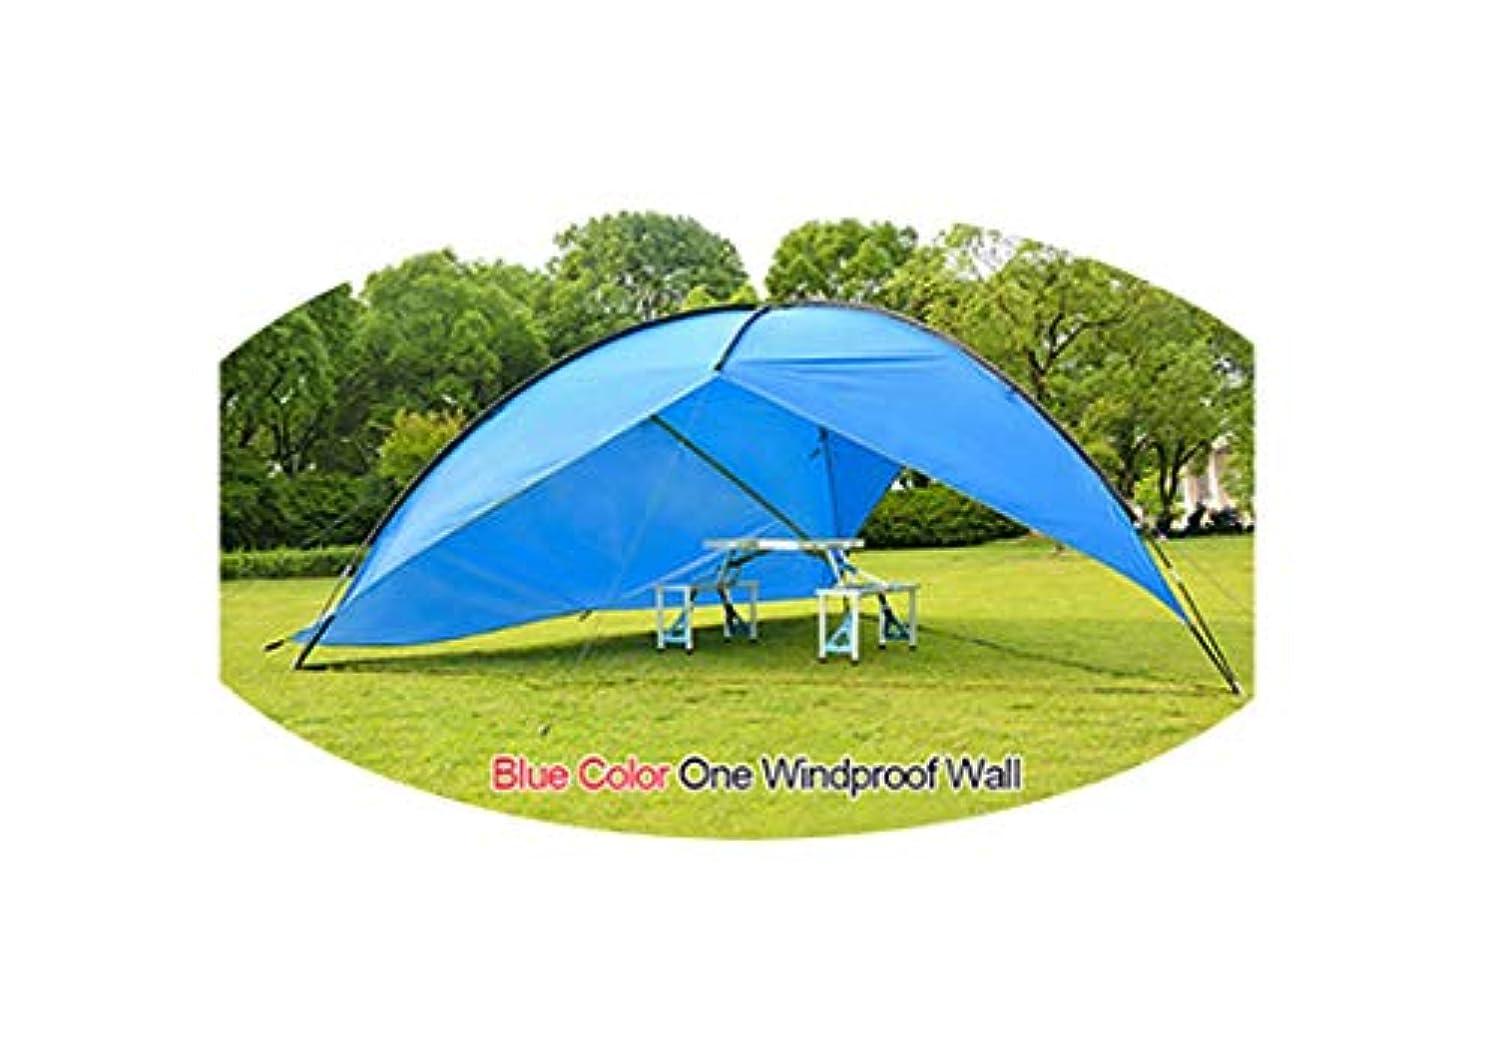 フレームワークほぼ付けるビーチテント サンシェルター UV ポール付き 防水 日よけ キャノピー ビーチシェード タープ パーゴラ キャンプ ピクニック パーゴラ サンシェード ガゼボ